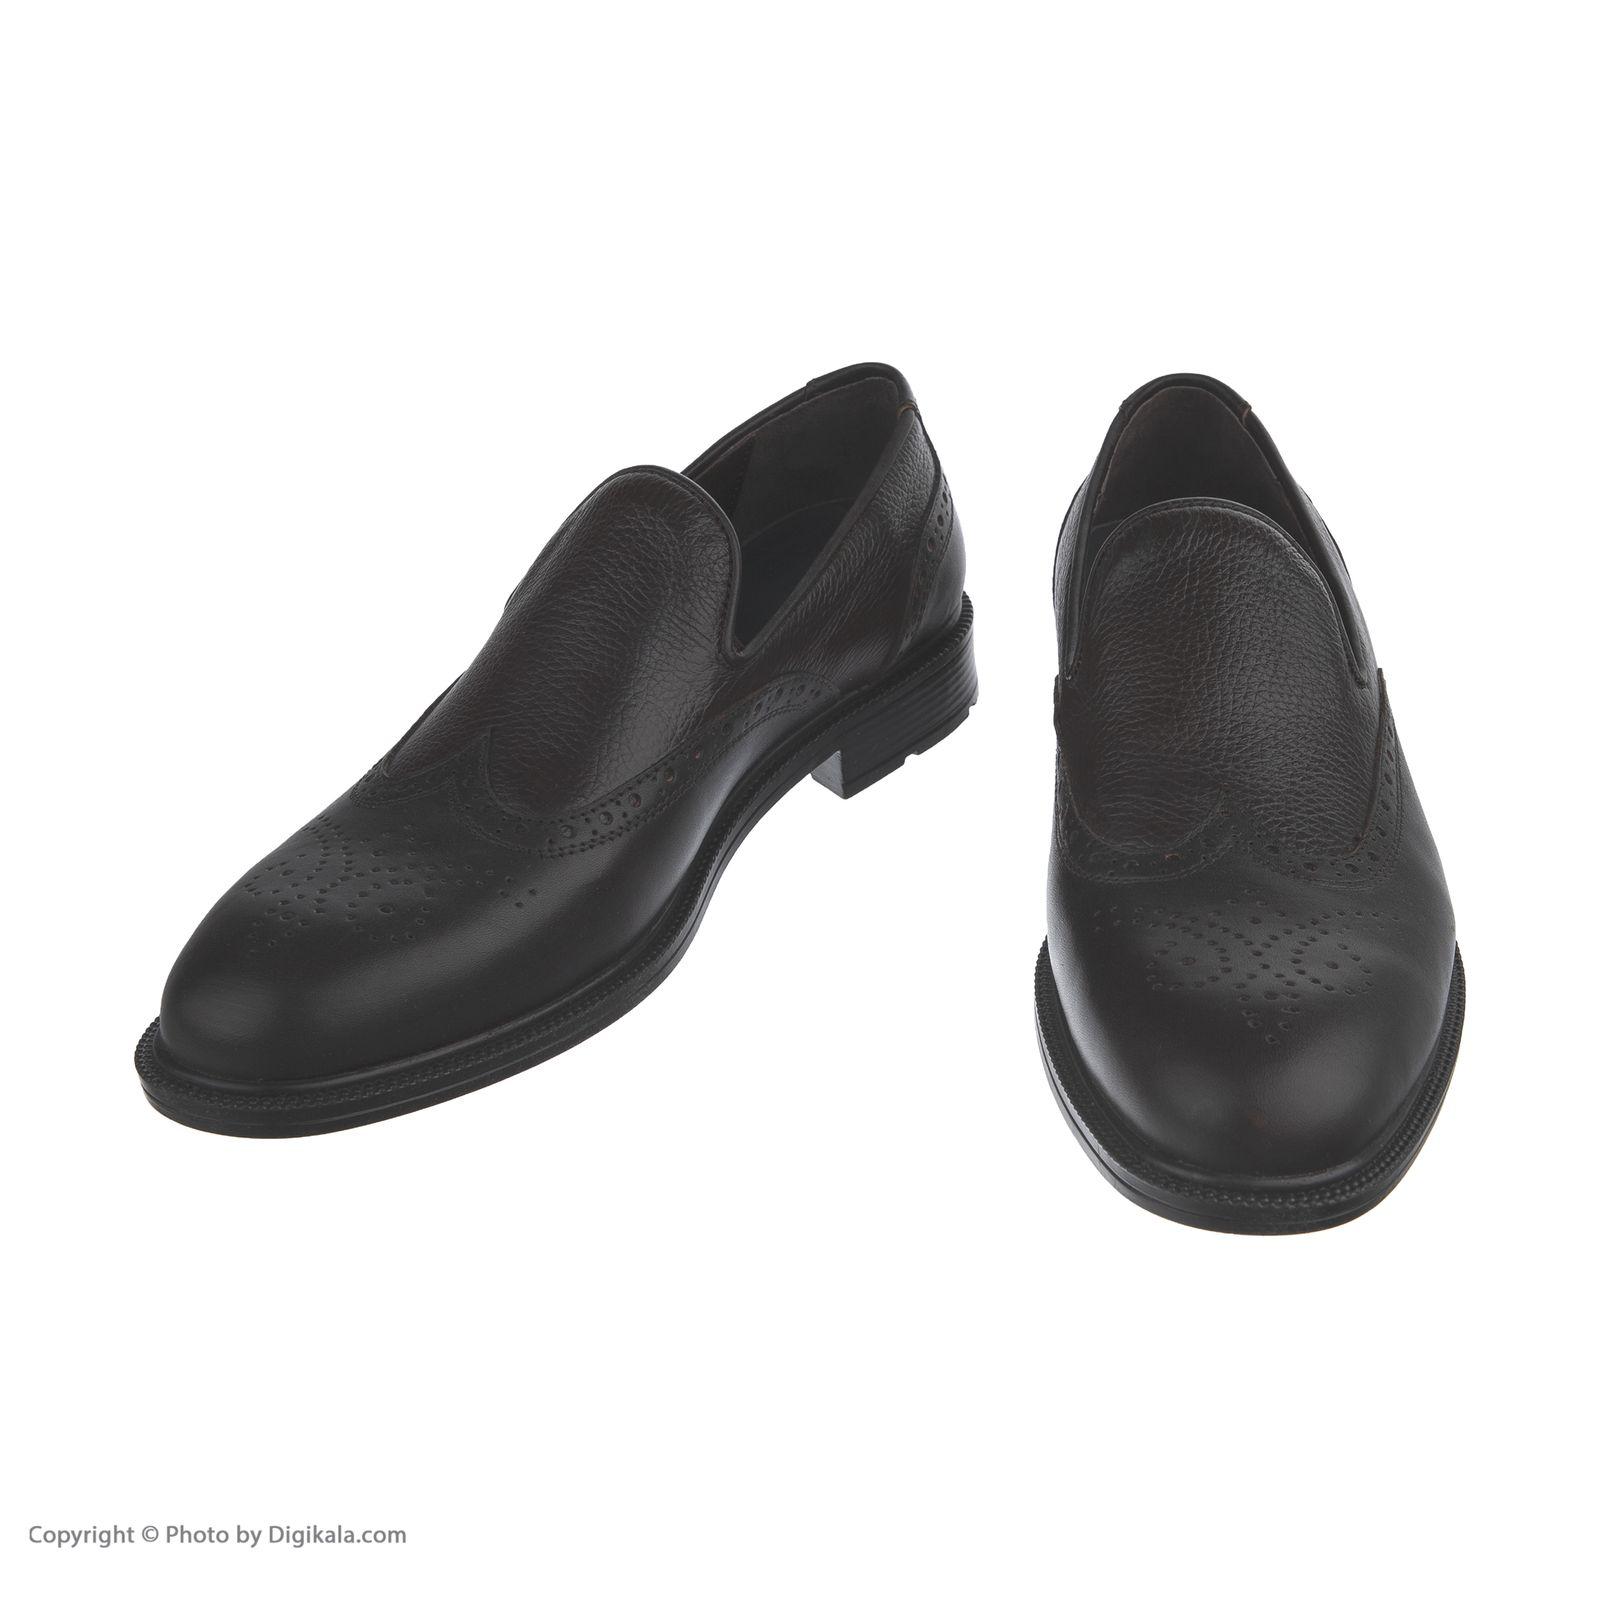 کفش مردانه بلوط مدل 7295A503104 -  - 6